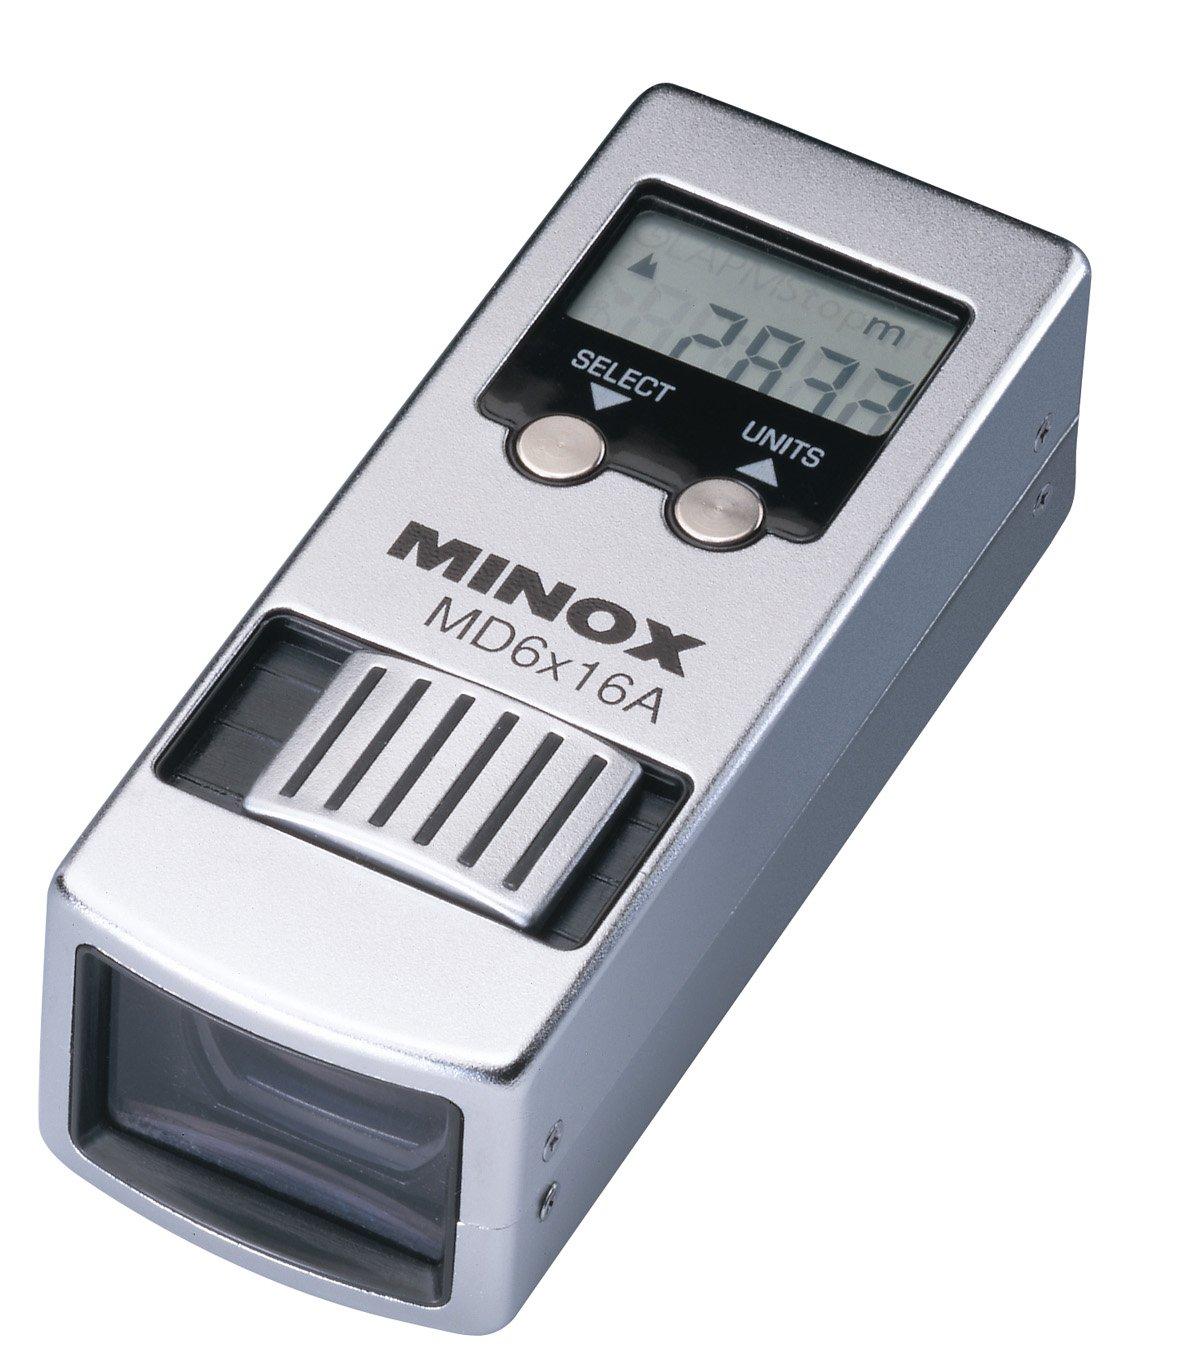 Minox MD 6x16 - Altímetro 62204 B000K354Q2